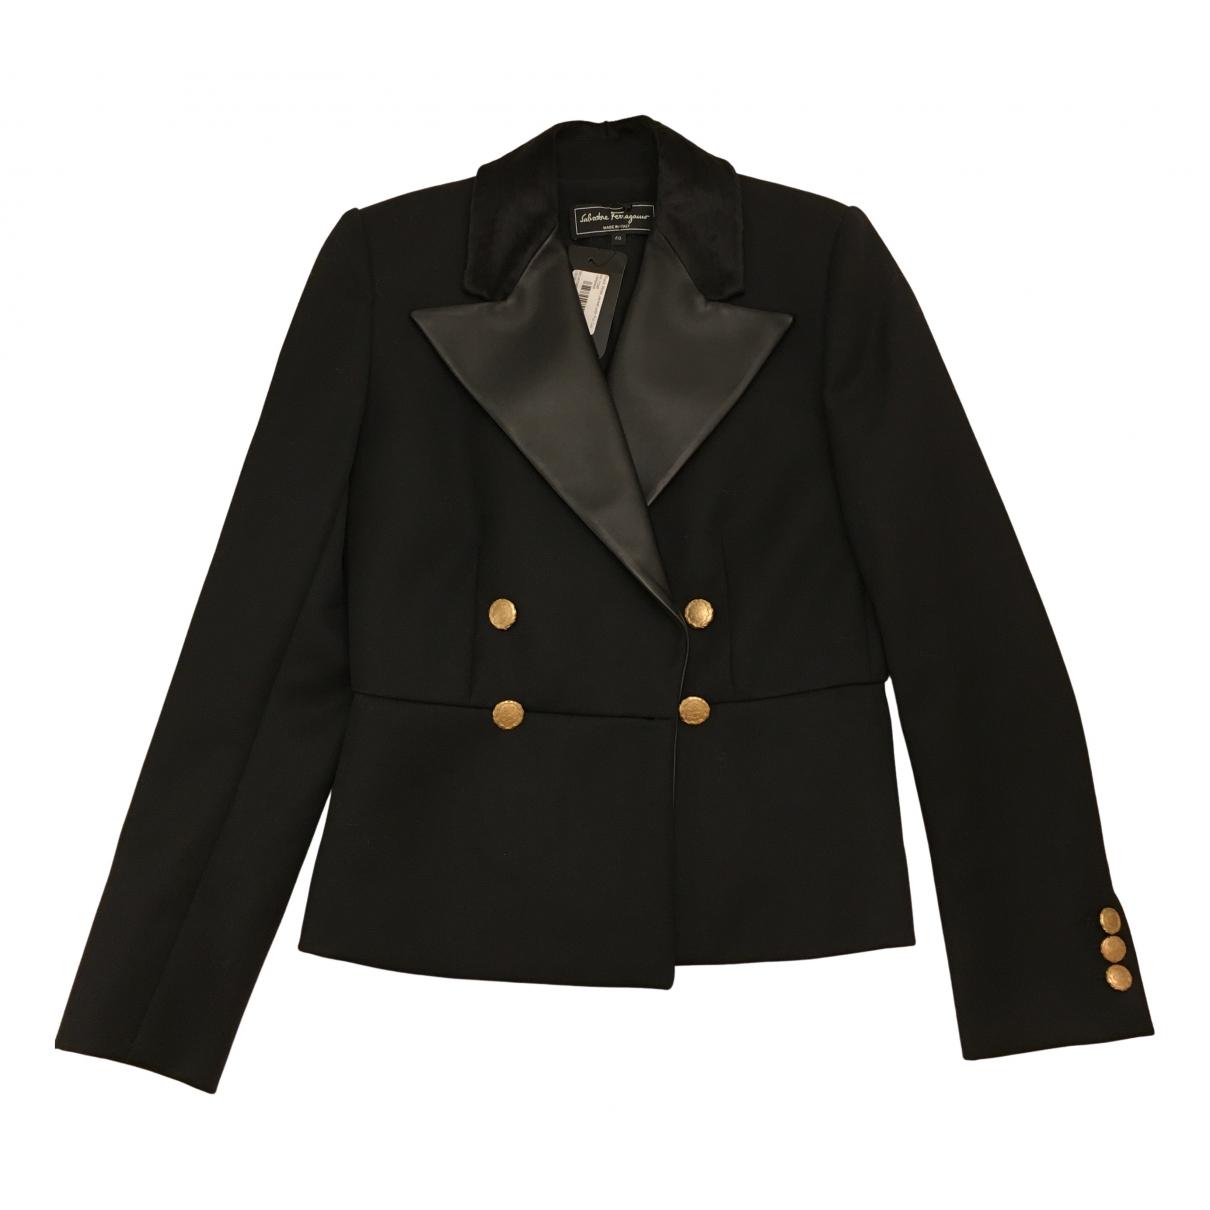 Salvatore Ferragamo \N Black Wool jacket for Women 40 IT